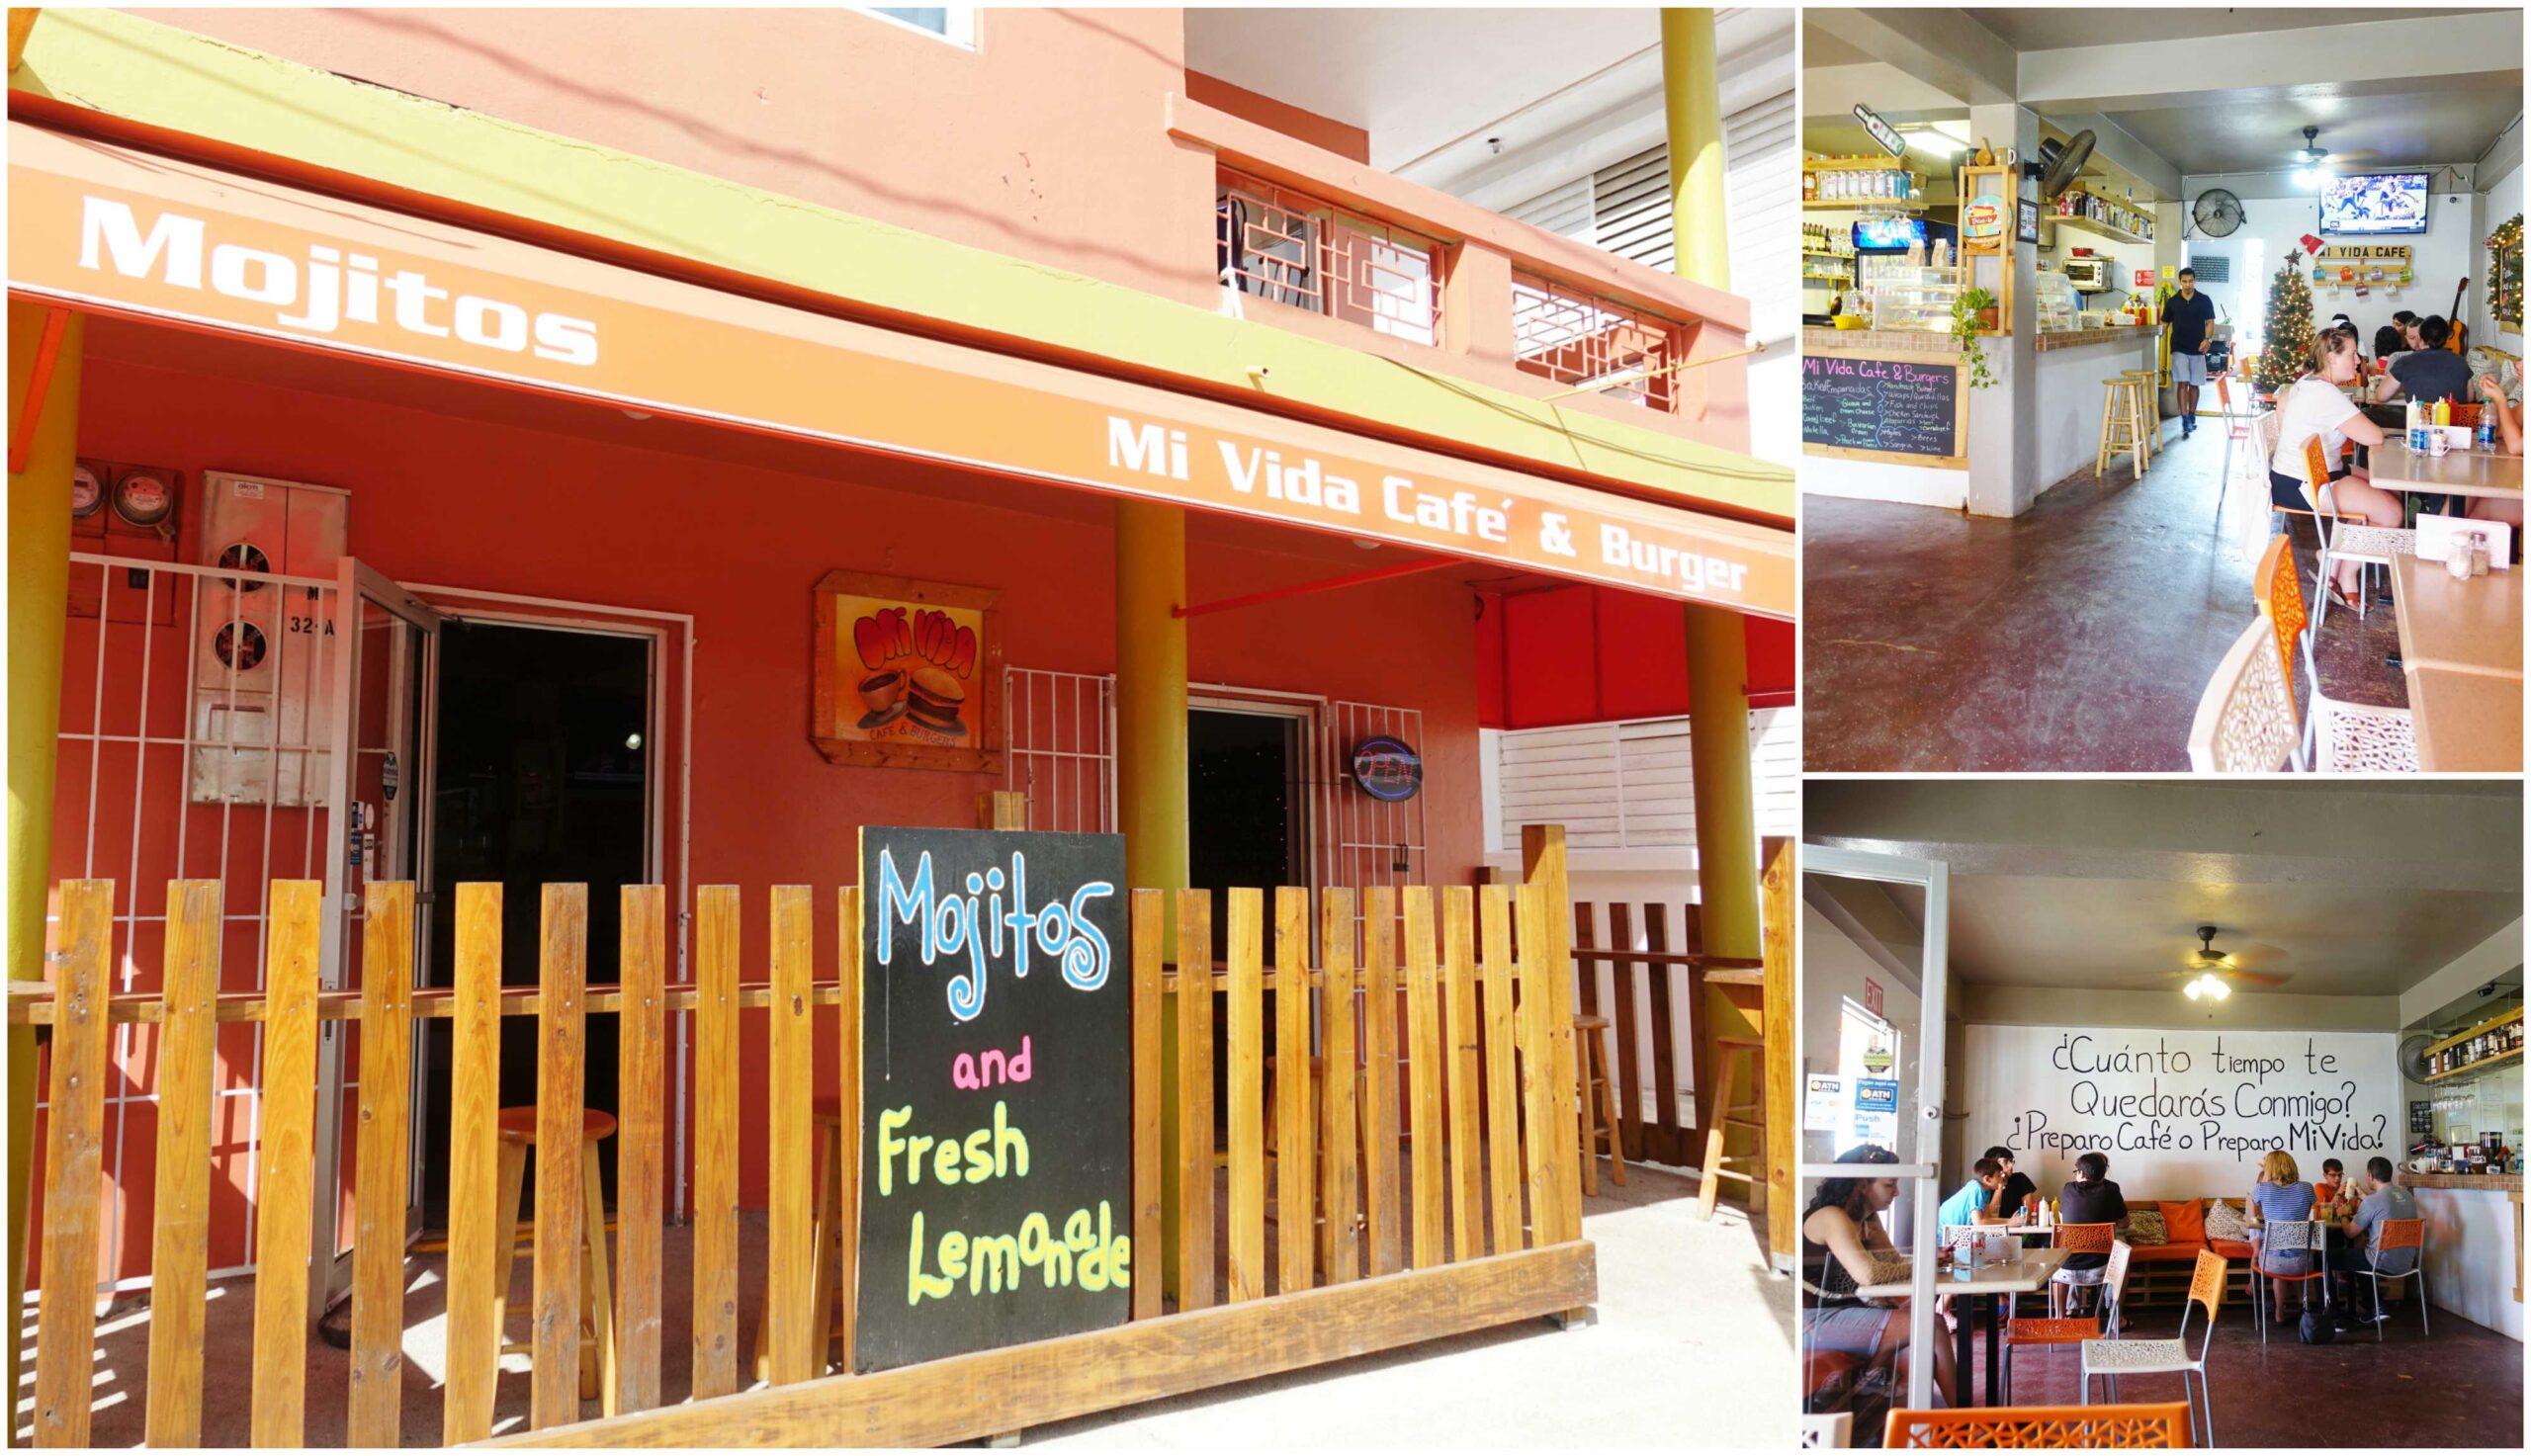 Mi Vida Cafe & Burger, Rio Grande, Puerto Rico